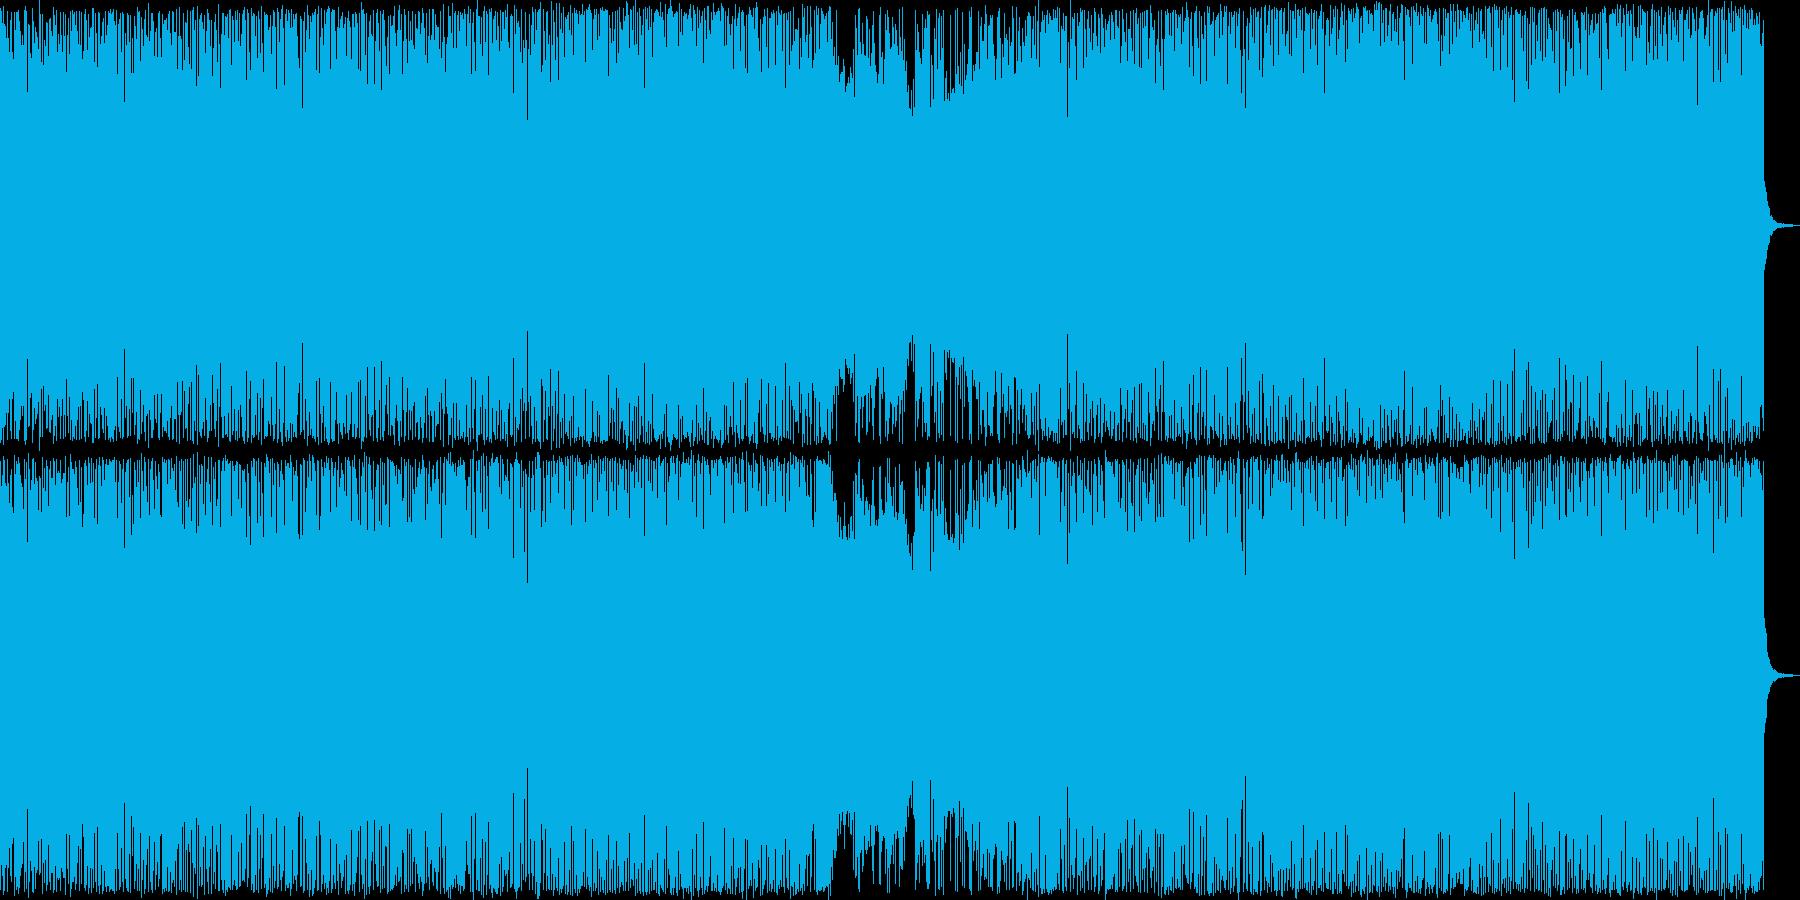 ヘビーメタル風の激しい楽曲の再生済みの波形